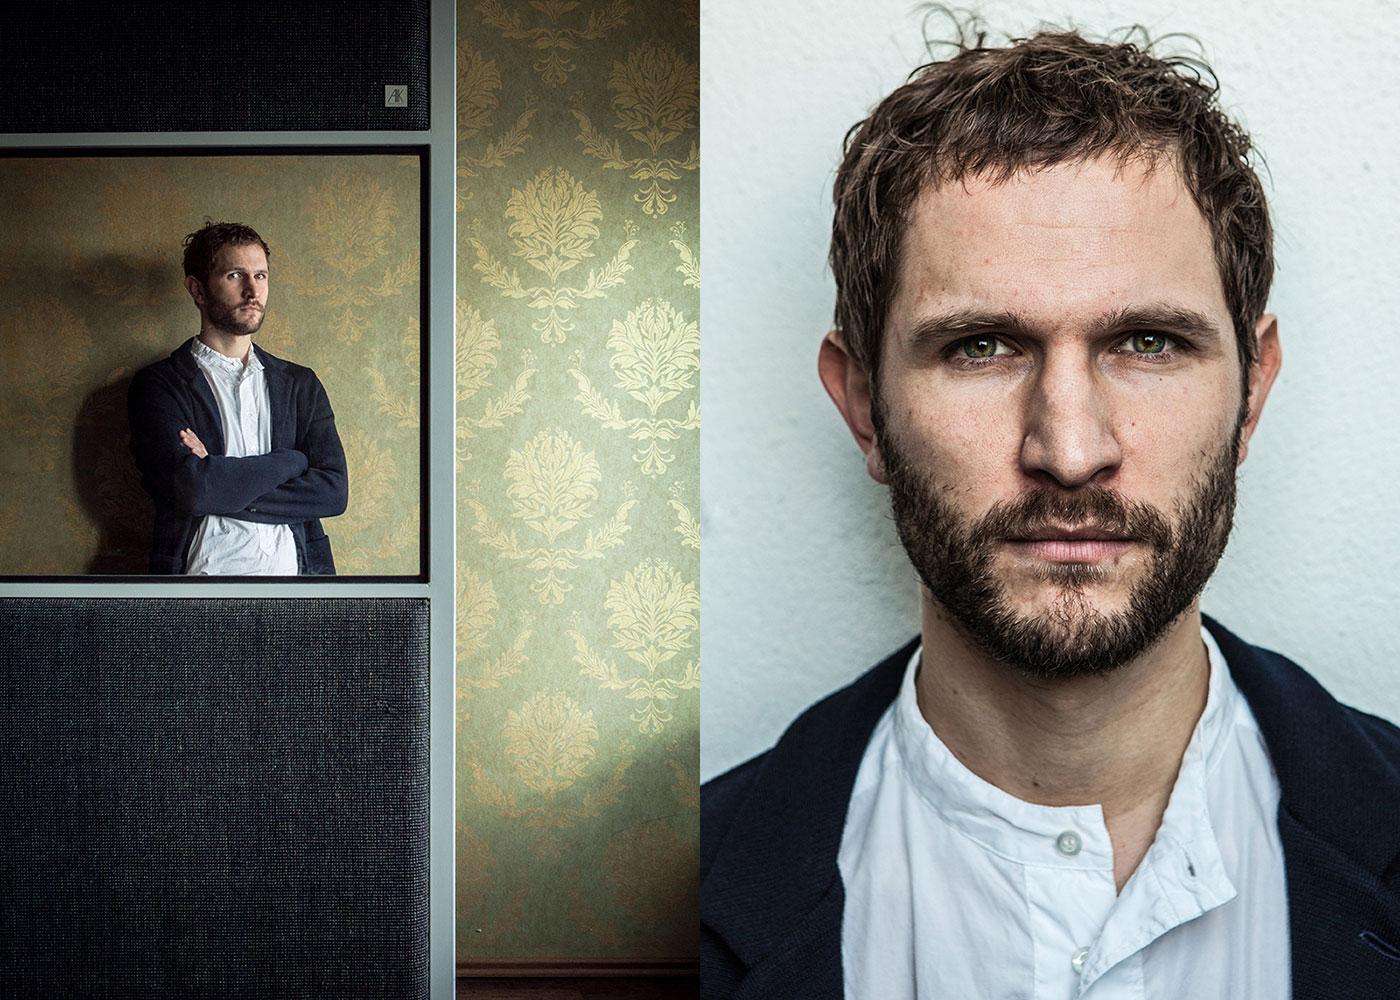 Johann Scheerer, Musiker © Markus Tedeskino